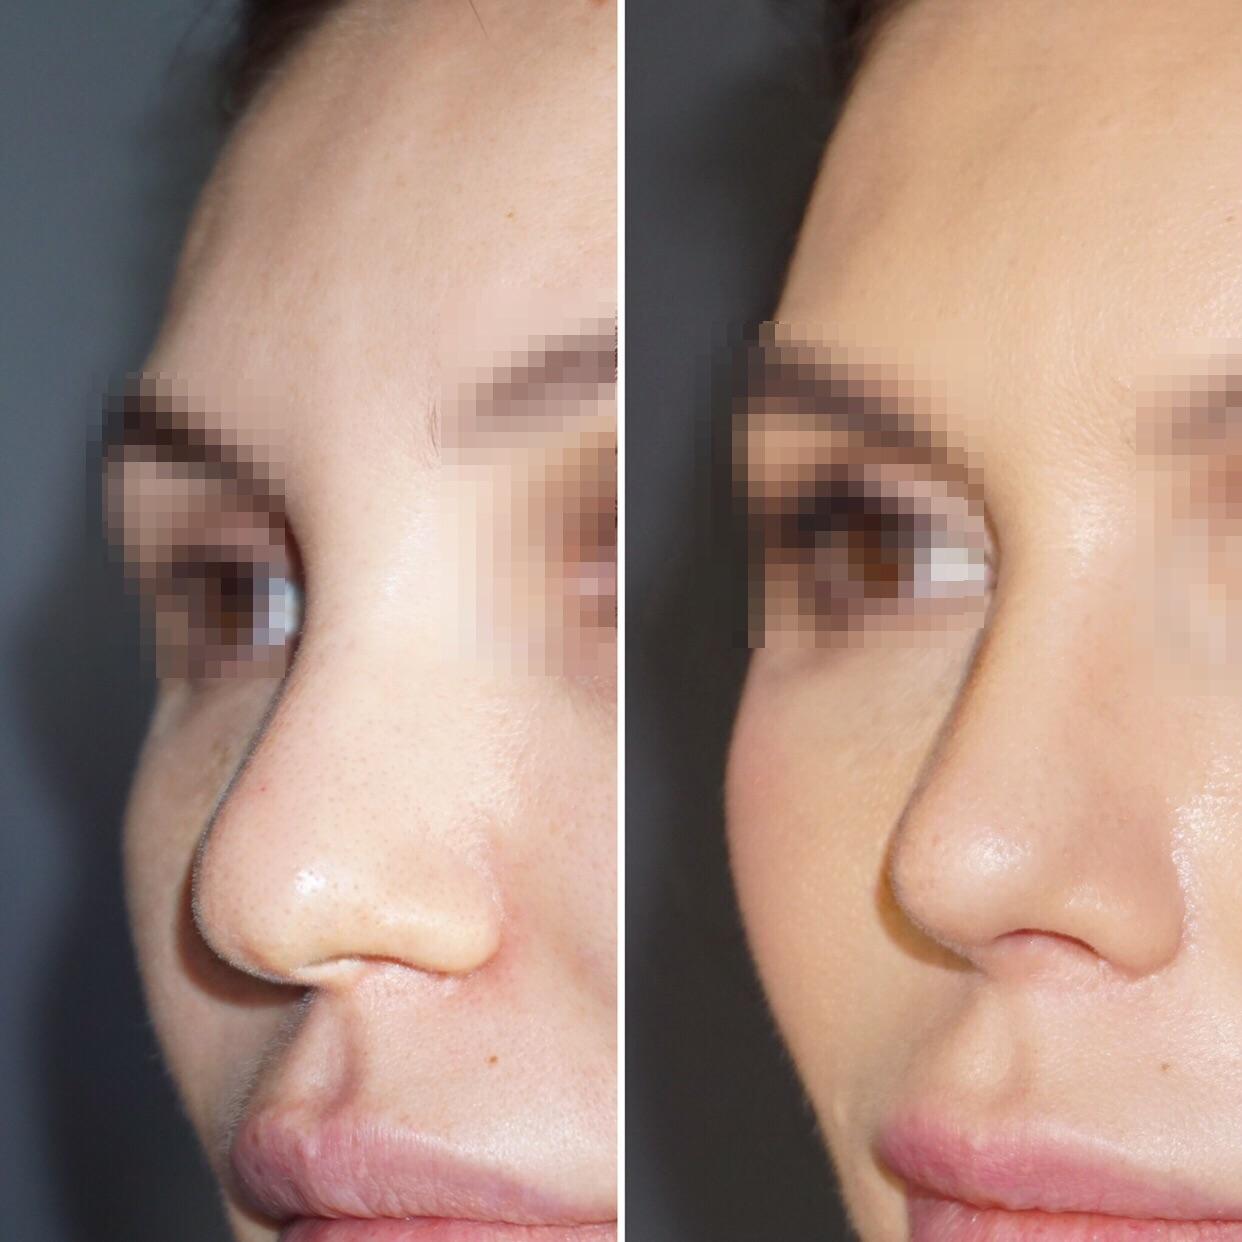 слишком короткий нос после ринопластики фото может быть худым